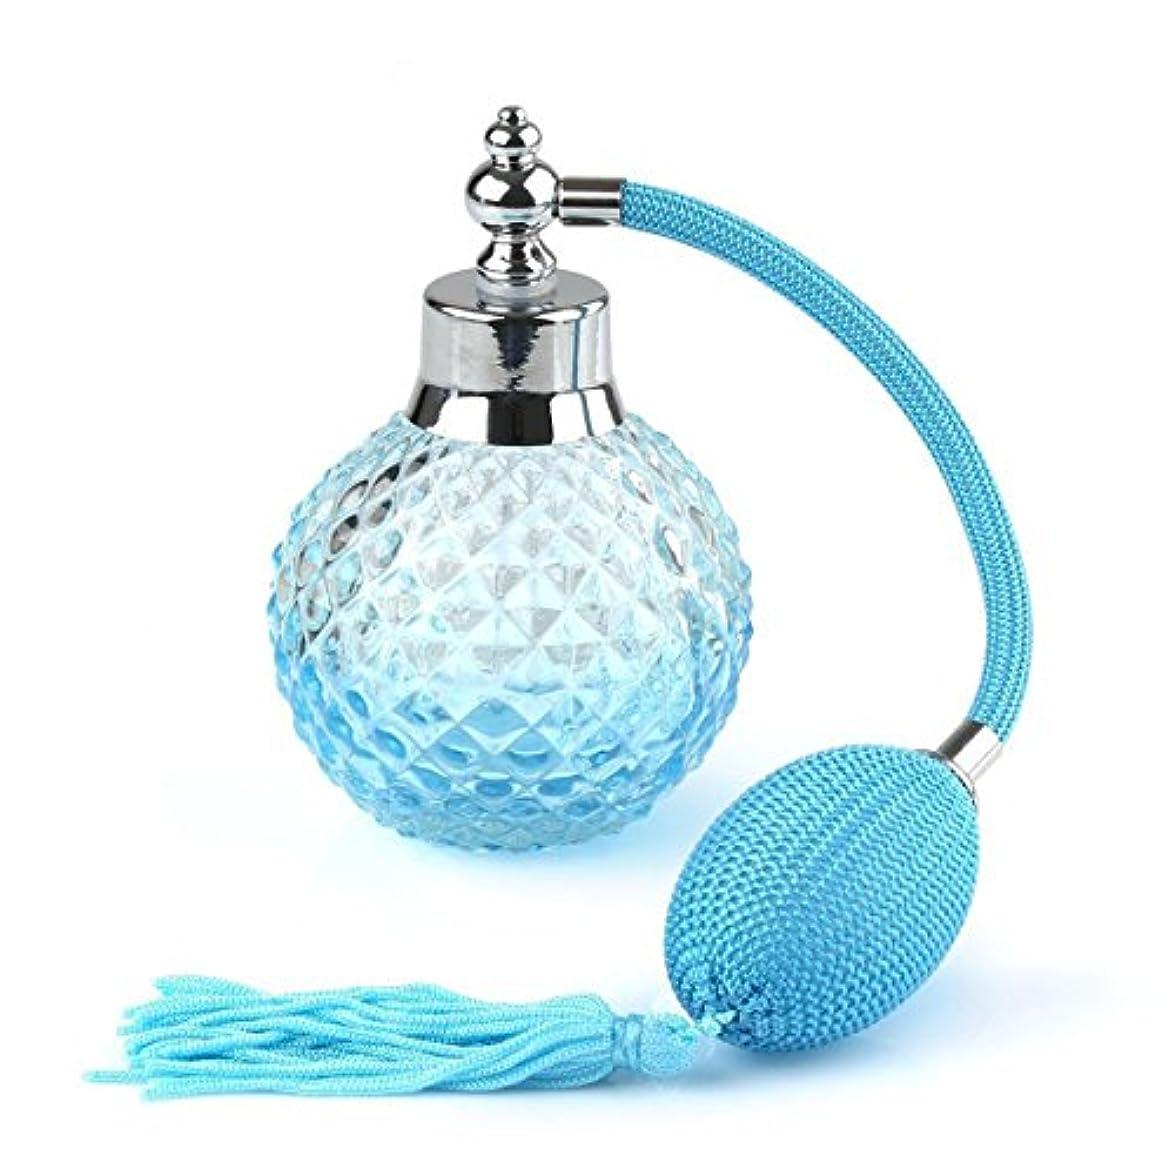 段落原稿評決ROSENICE クリスタル アトマイザー 香水瓶 スプレーボトル 100ml(ブルー)